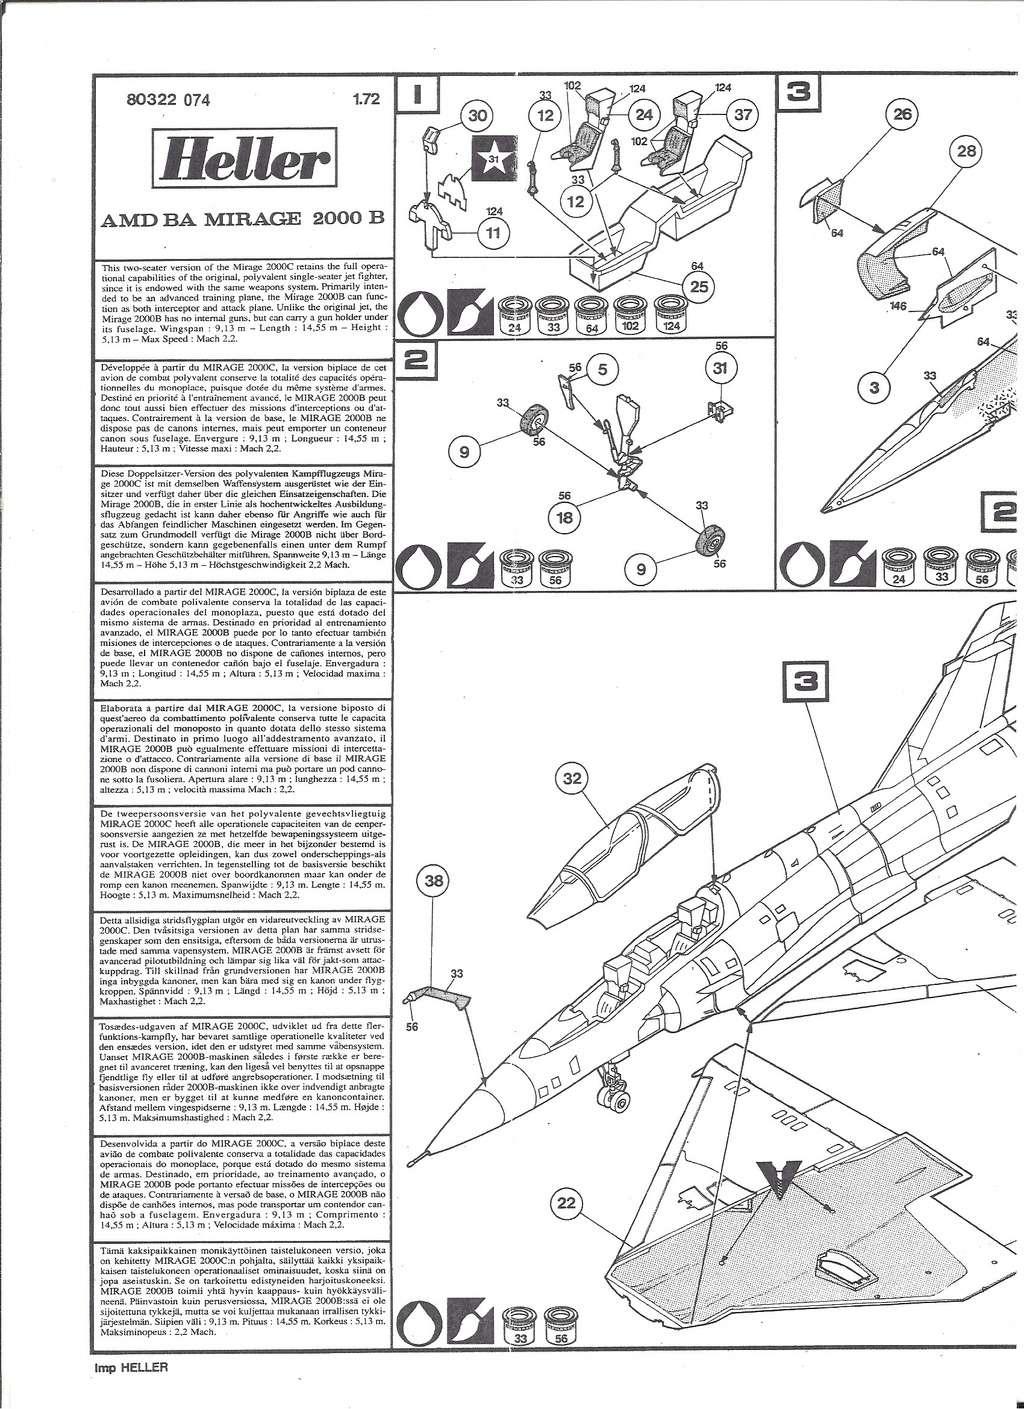 DASSAULT MIRAGE 2000 B 1/72ème Ref 80322 Notice Hell1037